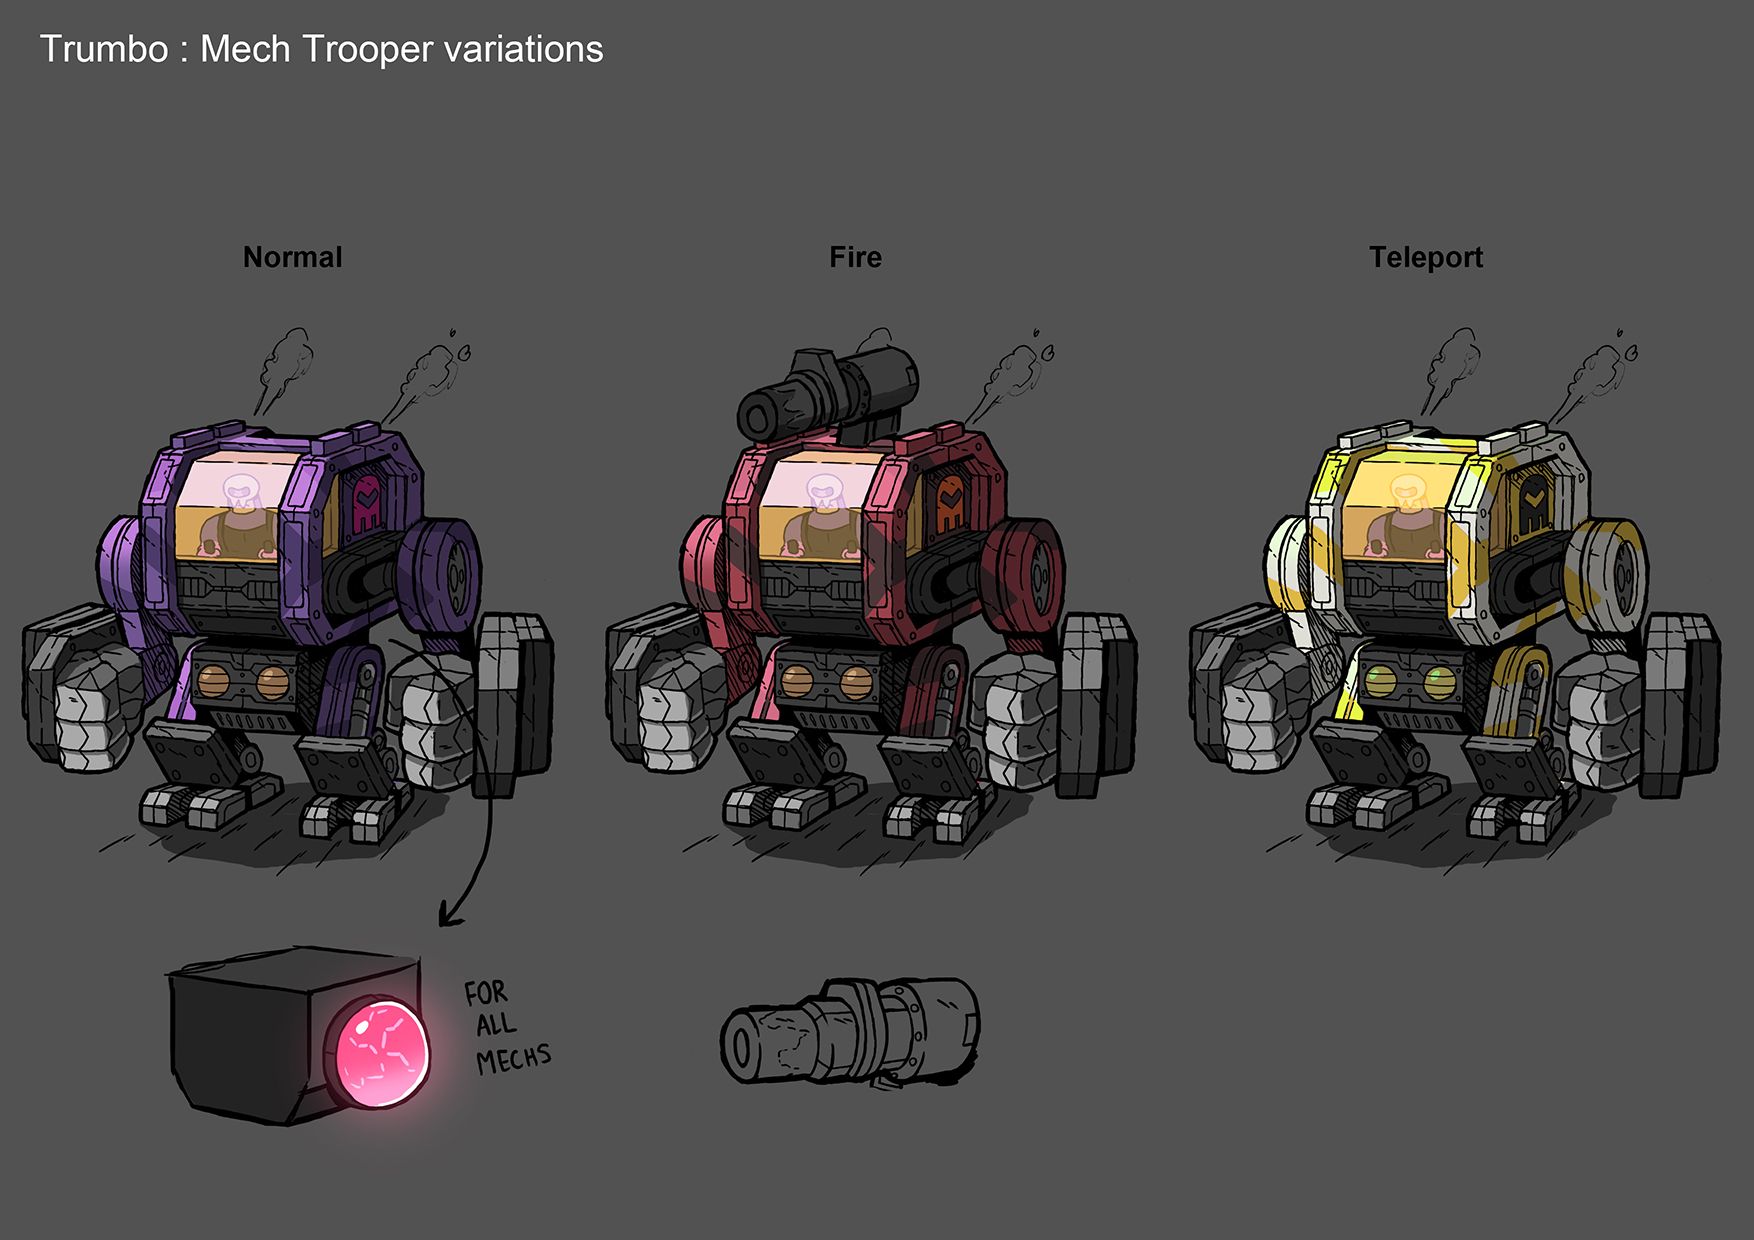 mech_trooper_variations_01.jpg